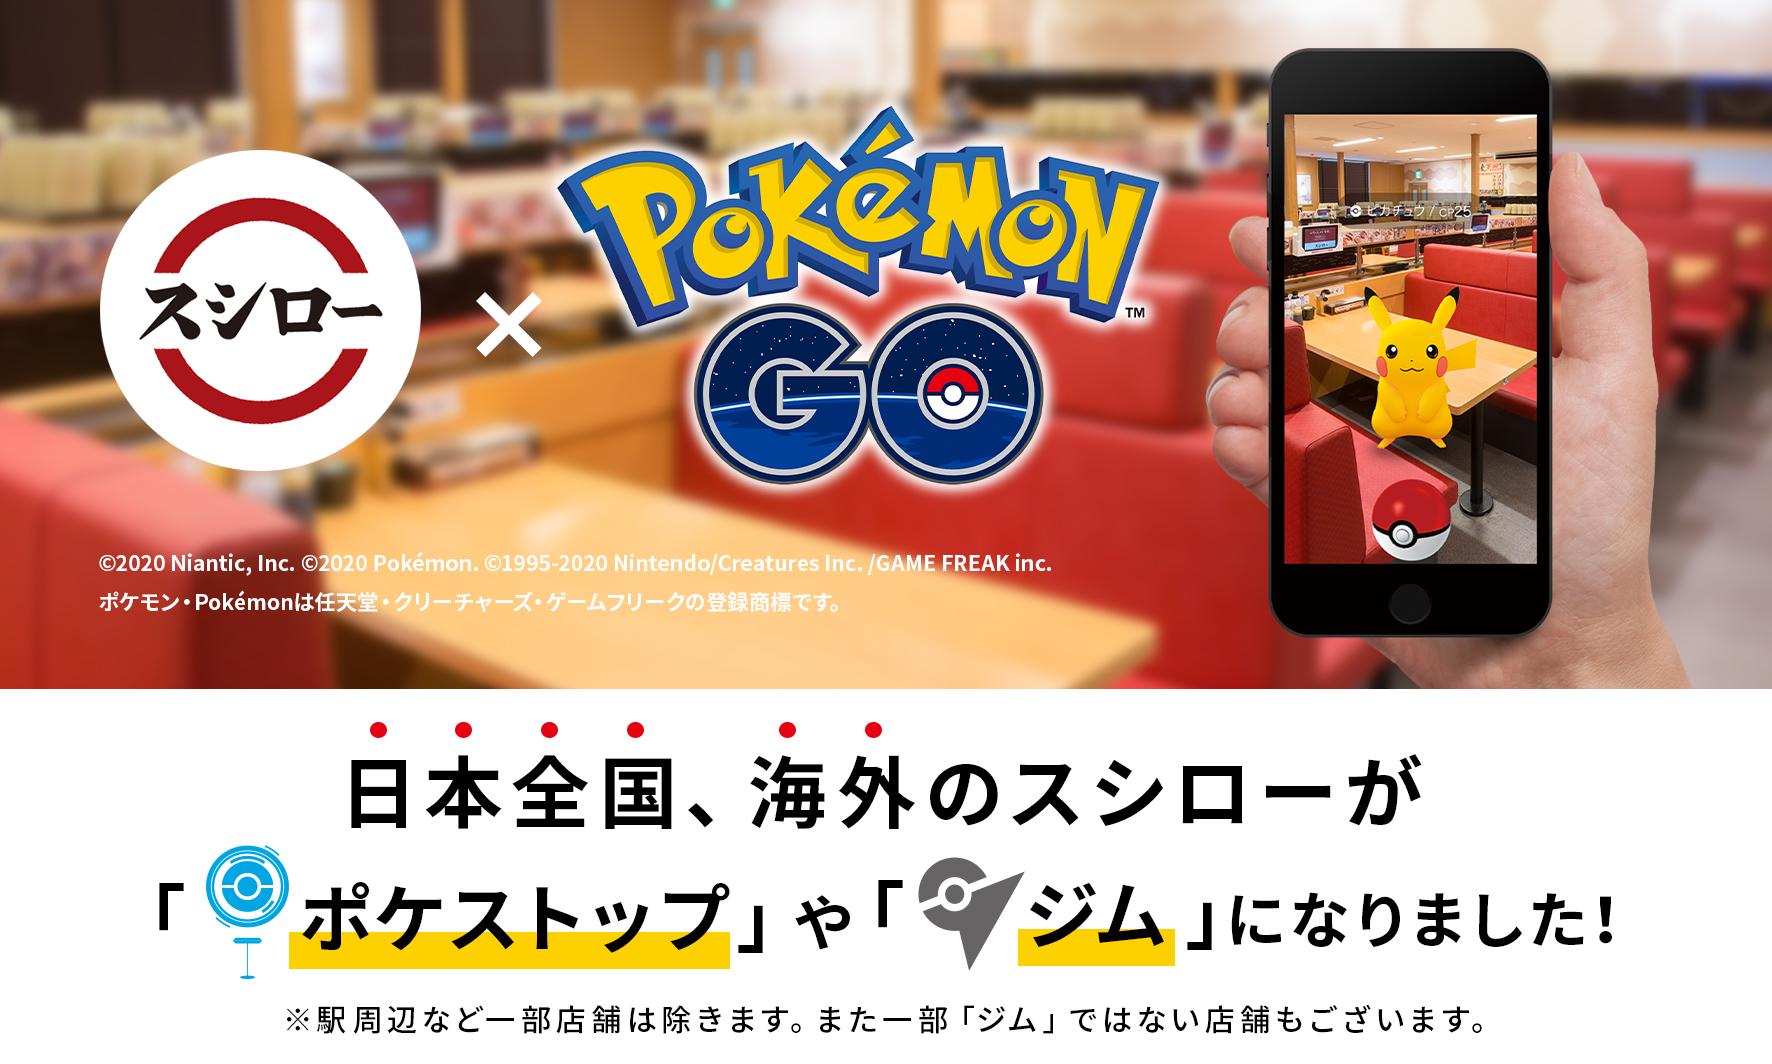 「Pokémon GO」×「スシロー」ジムやポケストップでお寿司もぐもぐ